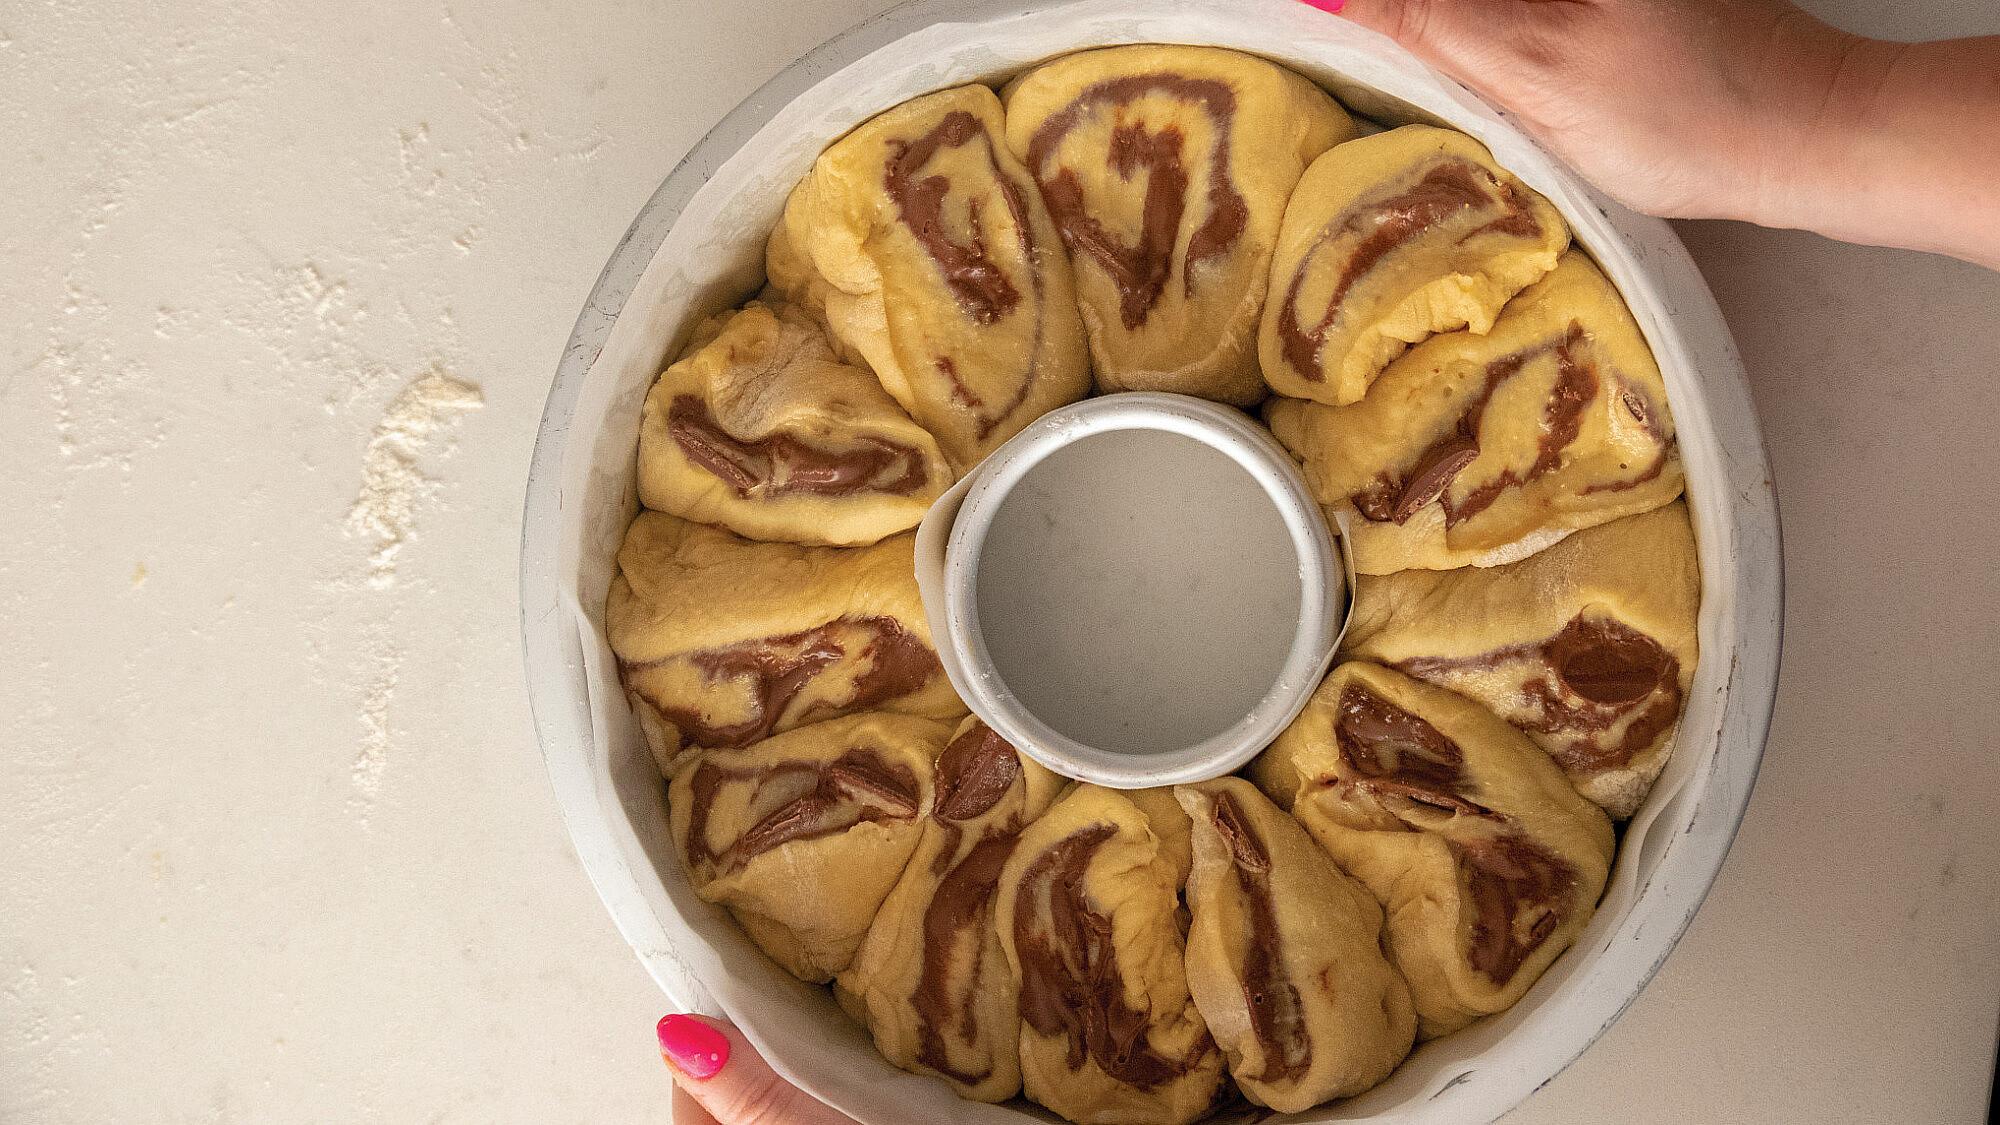 עוגת שמרים שוקולד לוז של ליאור משיח. צילום: מיכל רביבו